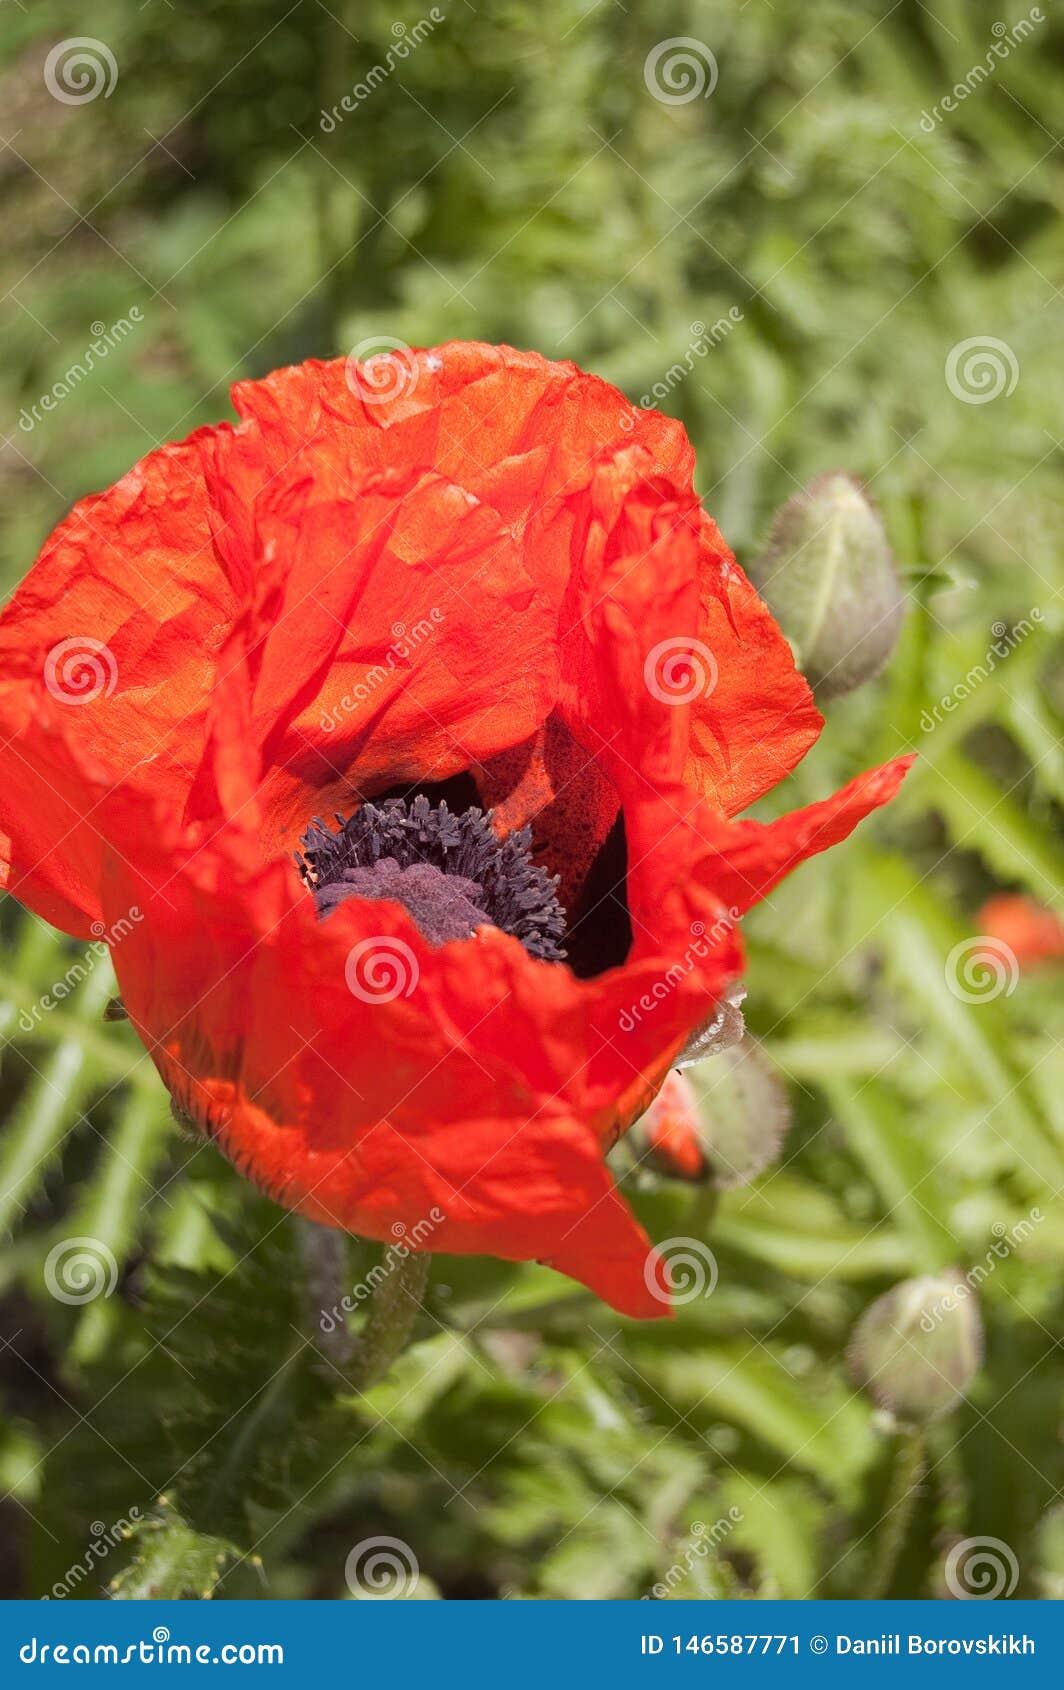 Flor roja de la amapola en fondo verde